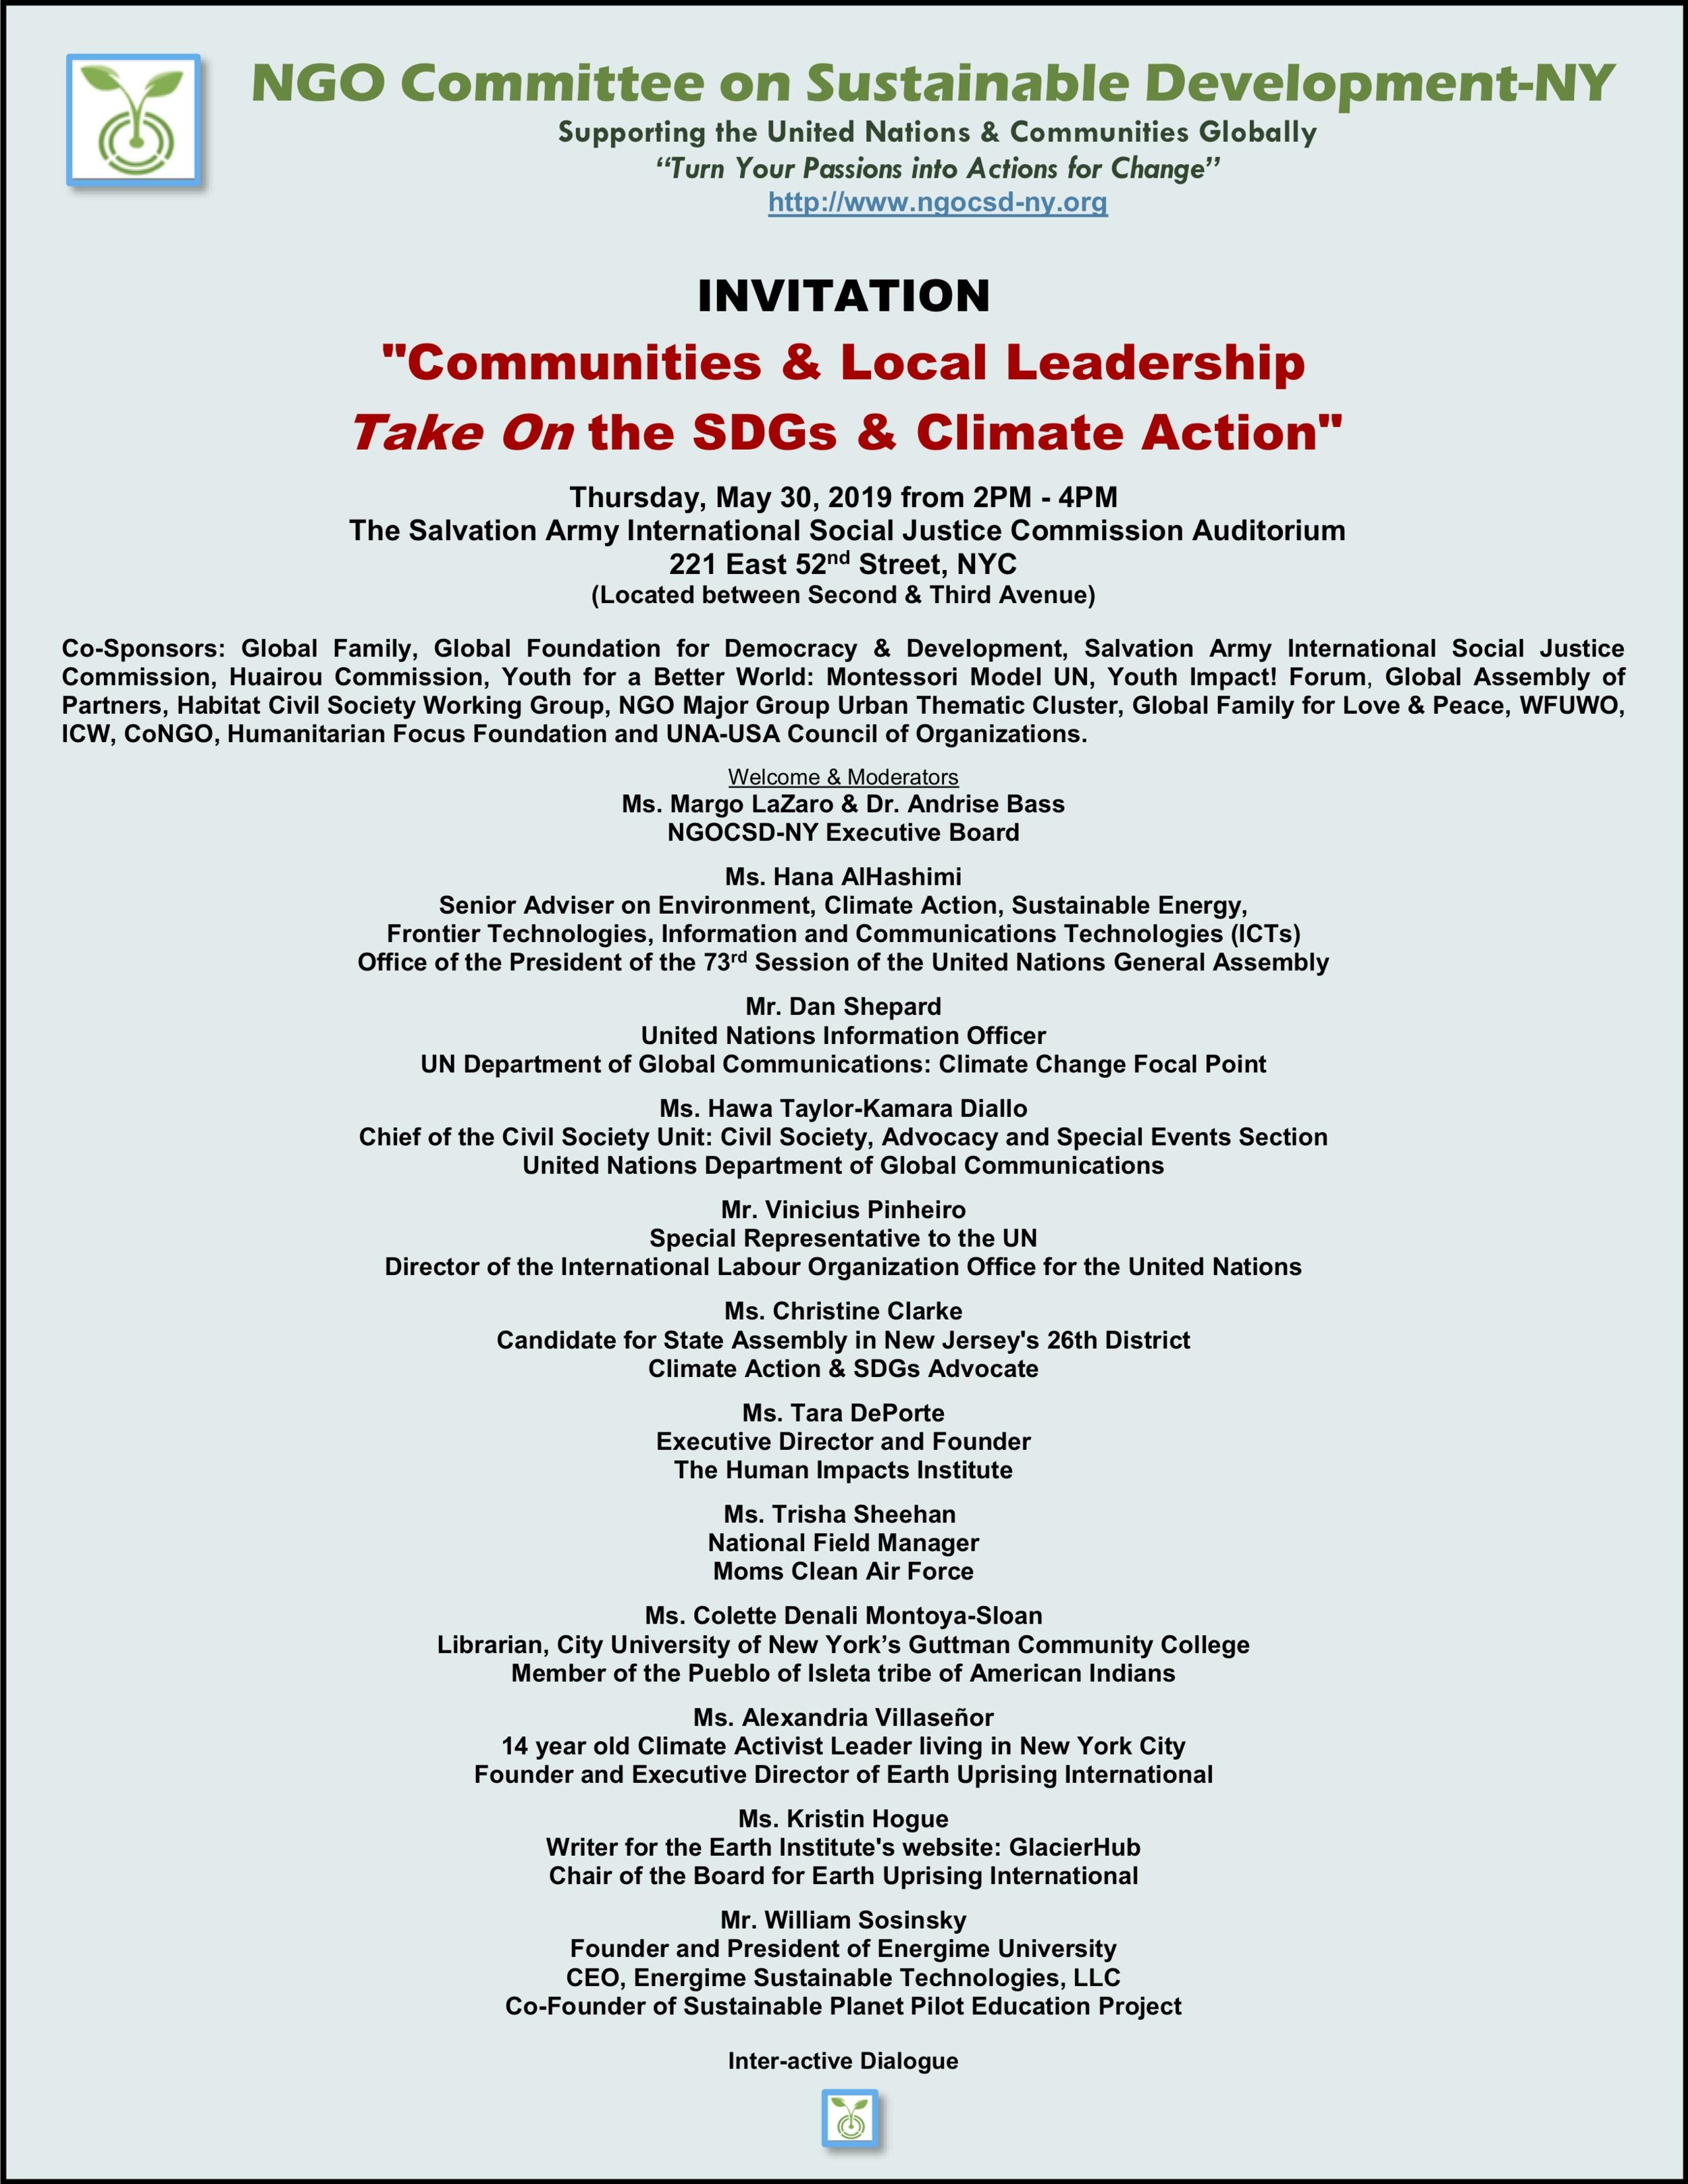 NGOCSD-NY+5-3e0-19+Invite+Communities+%26+Local+Leadership+B1.jpg